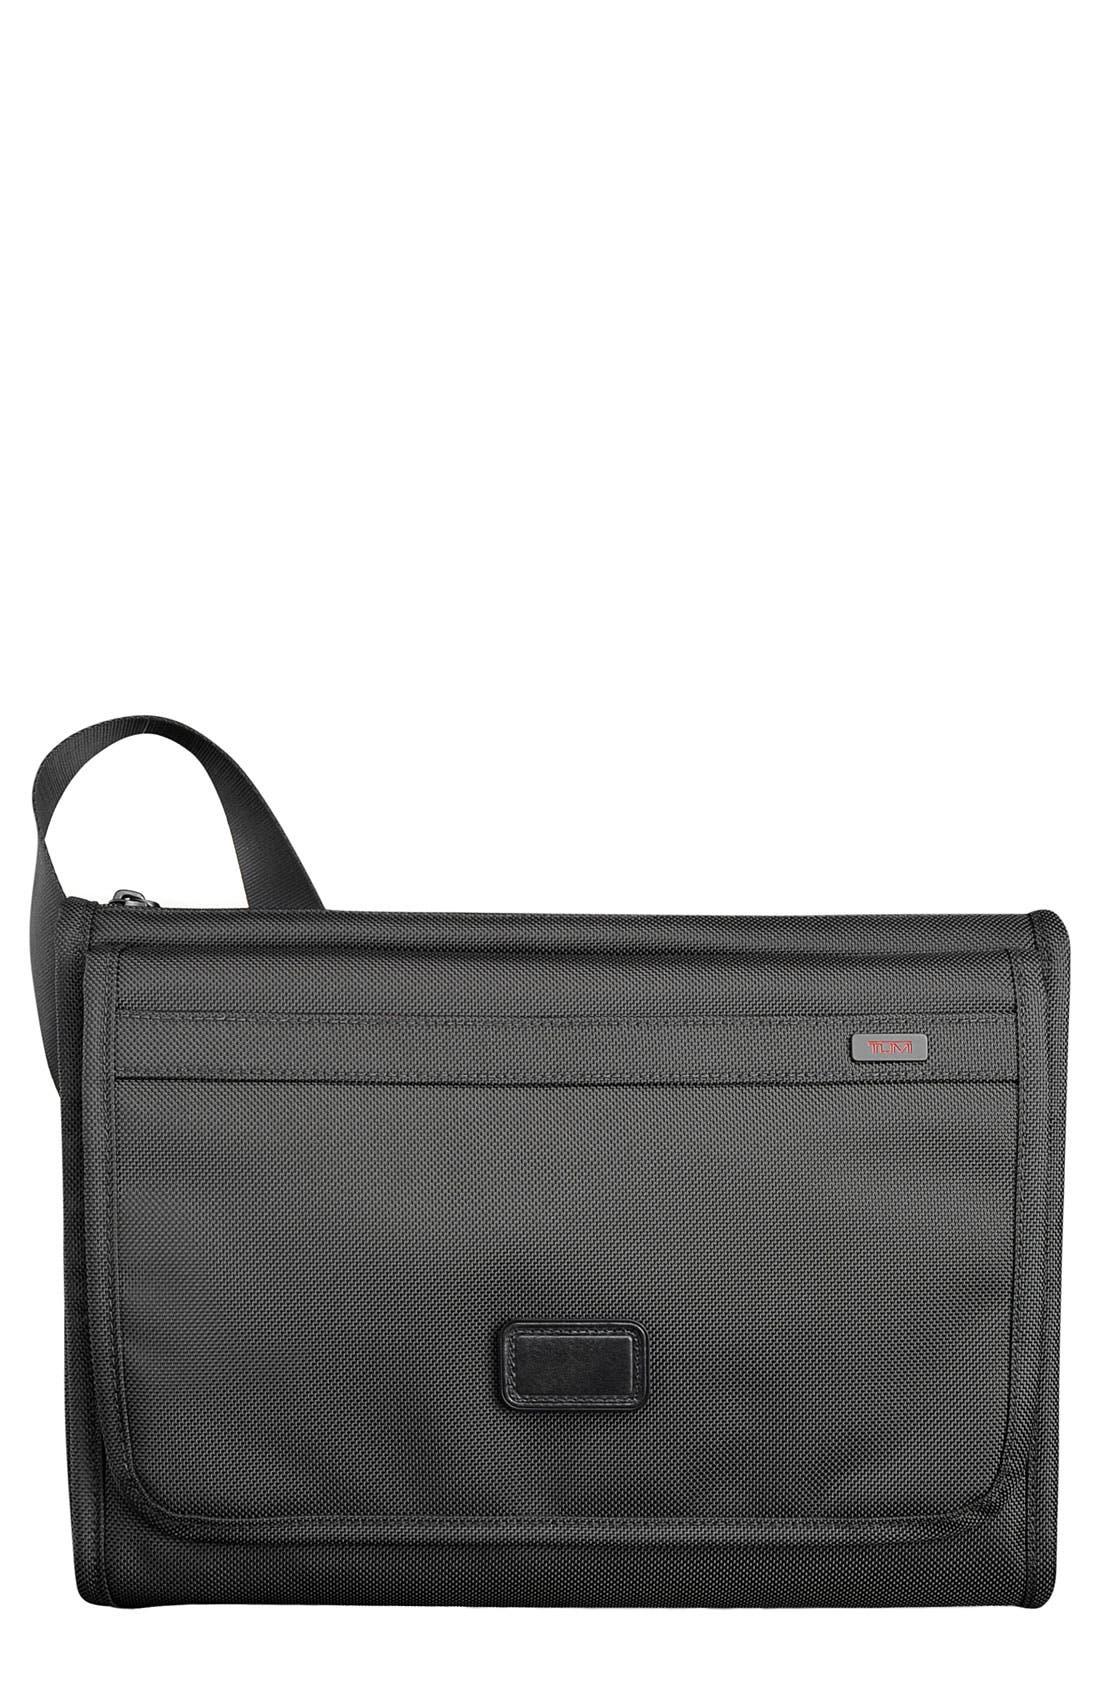 Main Image - Tumi 'Alpha' Flap Zip Crossbody Bag